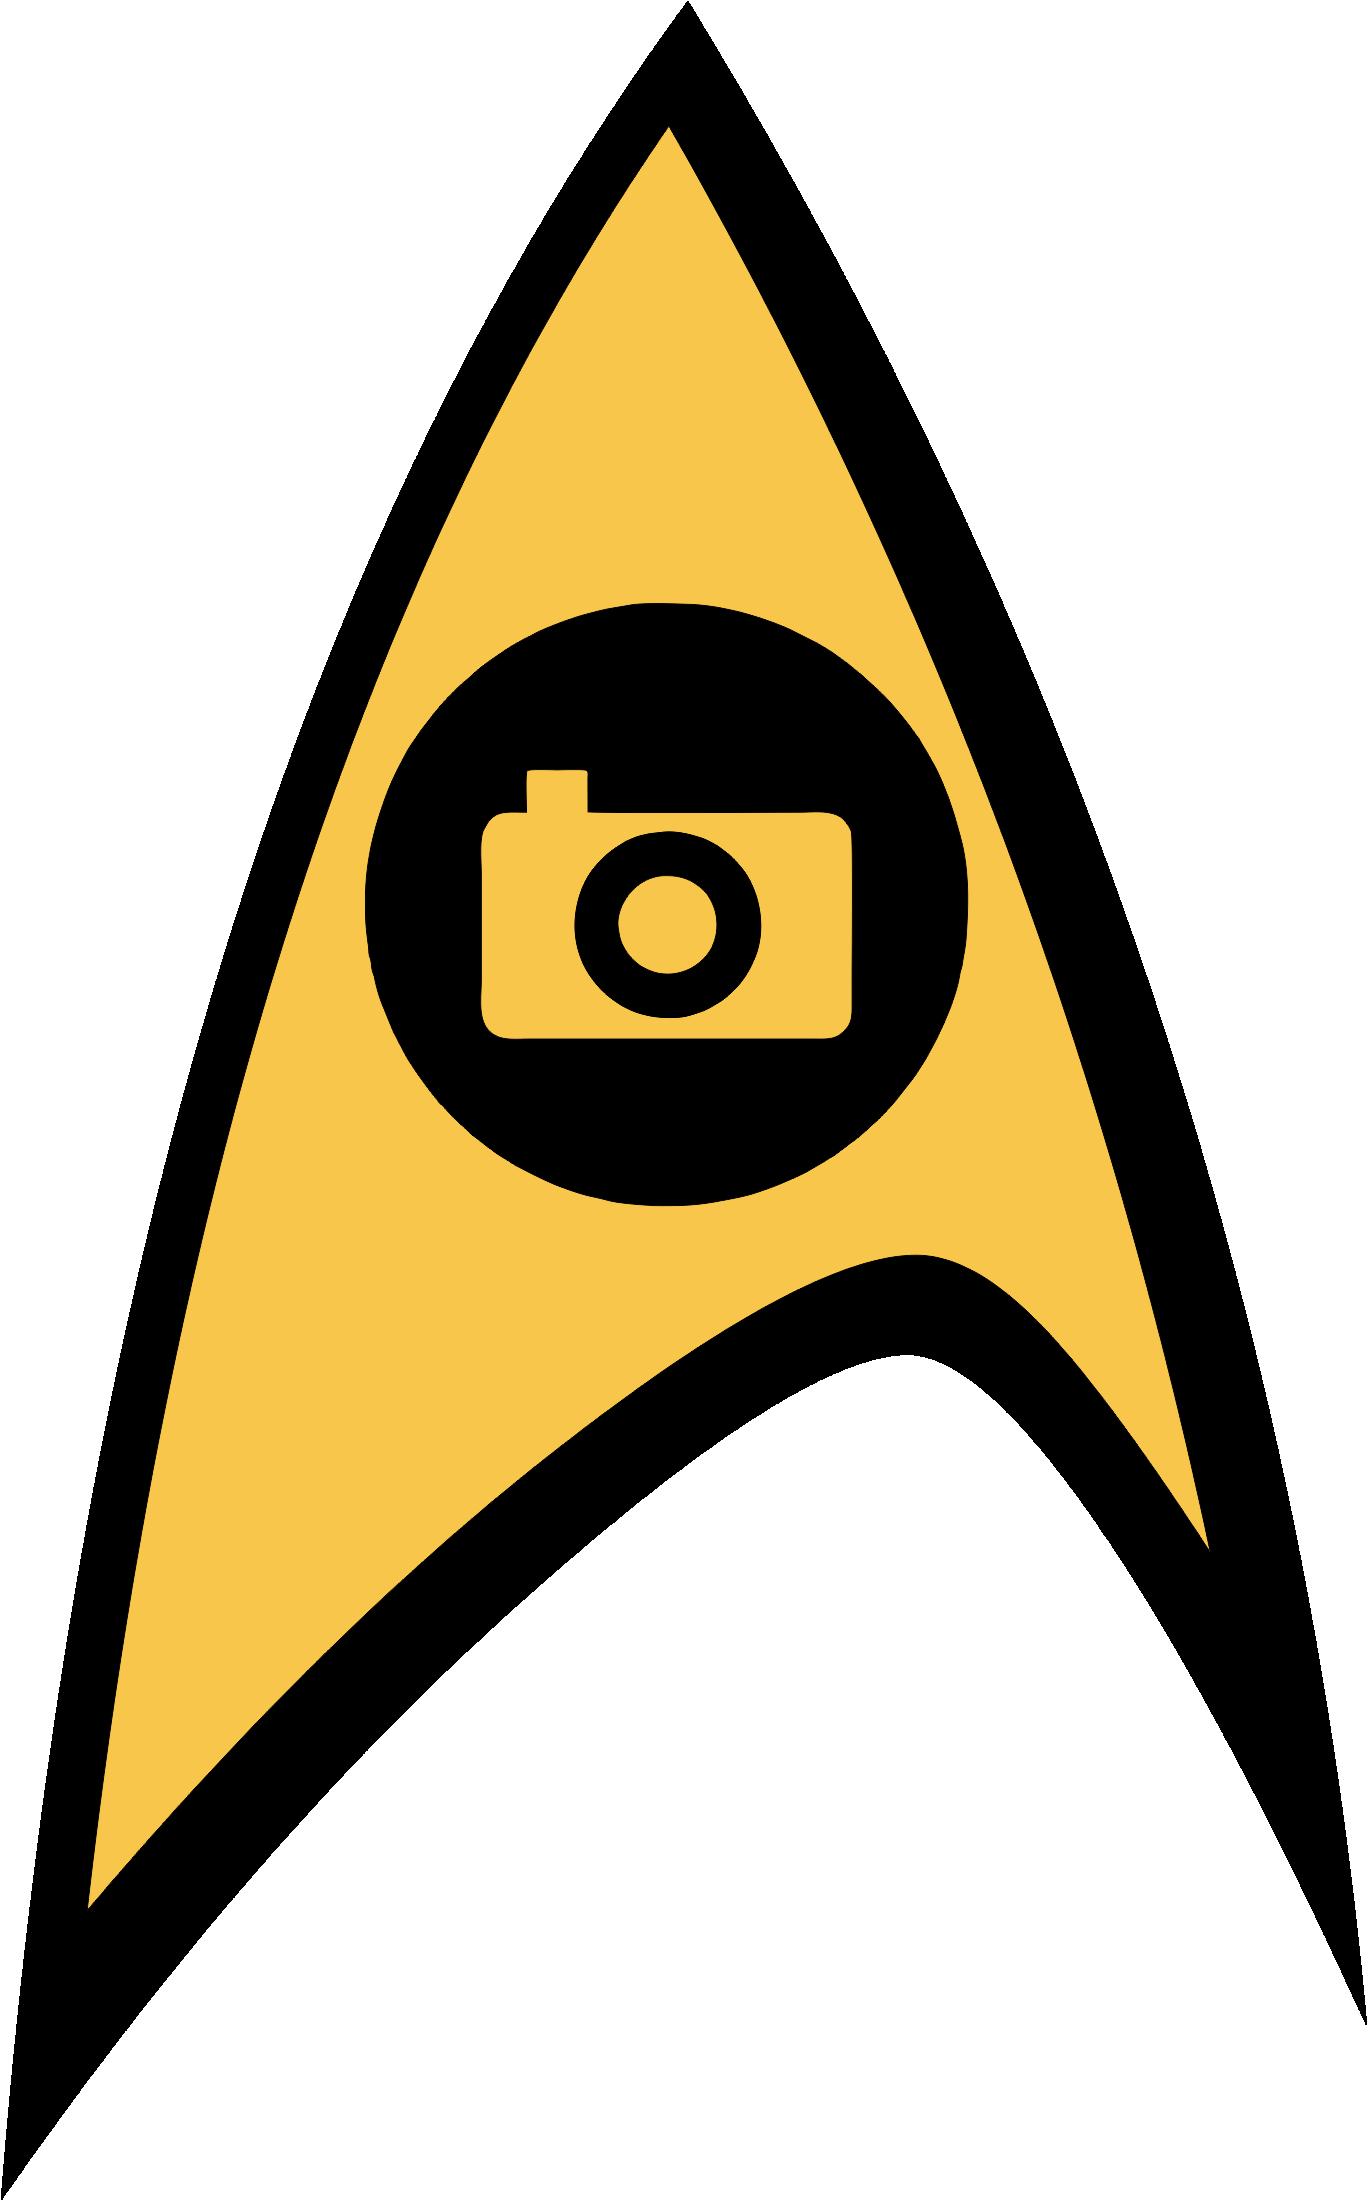 Star Trek Starship Enterprise Clip art.